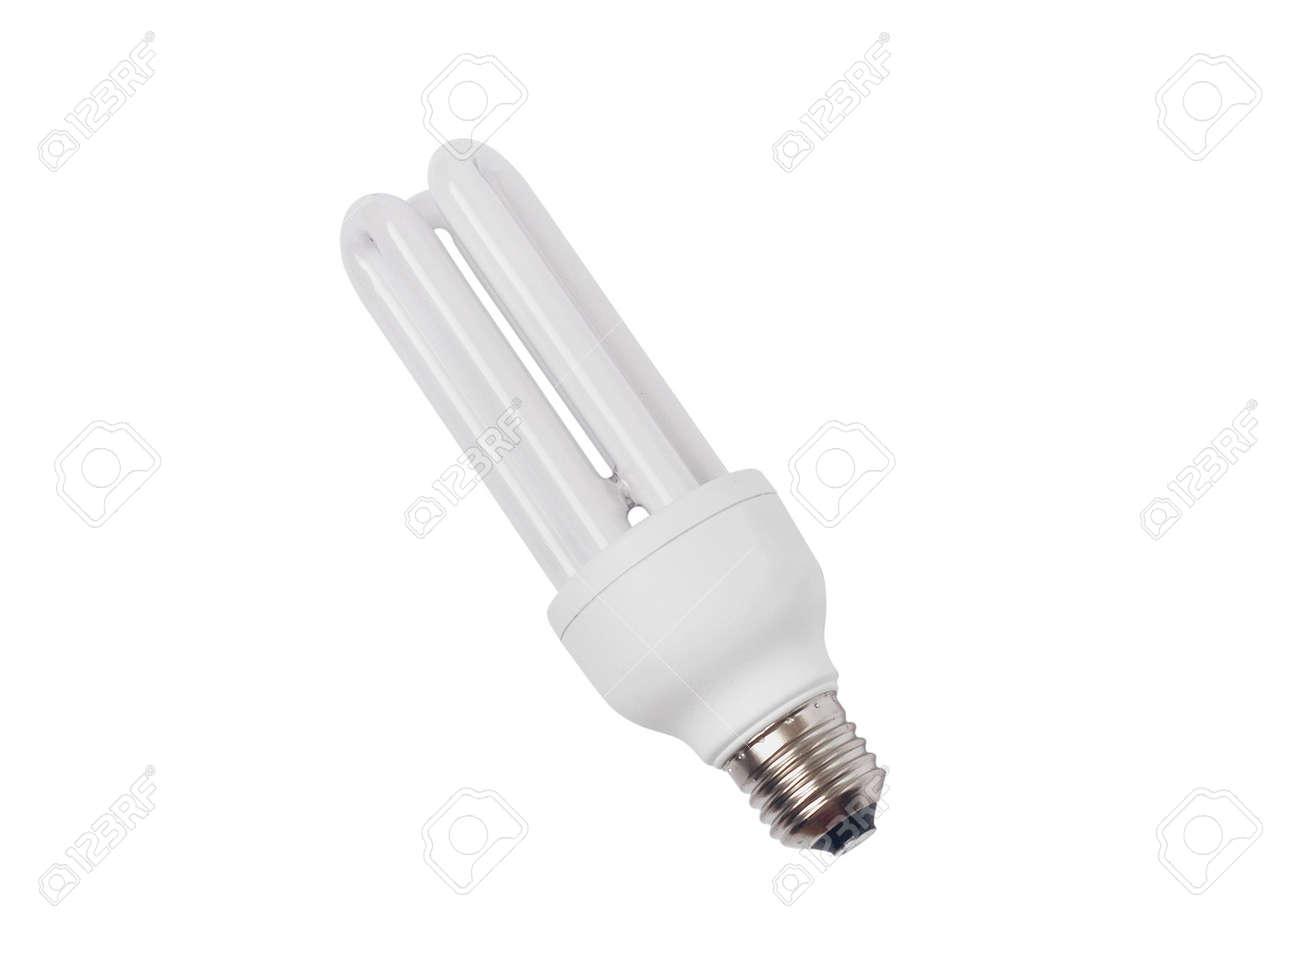 Dag Licht Lamp : De economische elektrische lamp van een daglicht dicht is omhoog